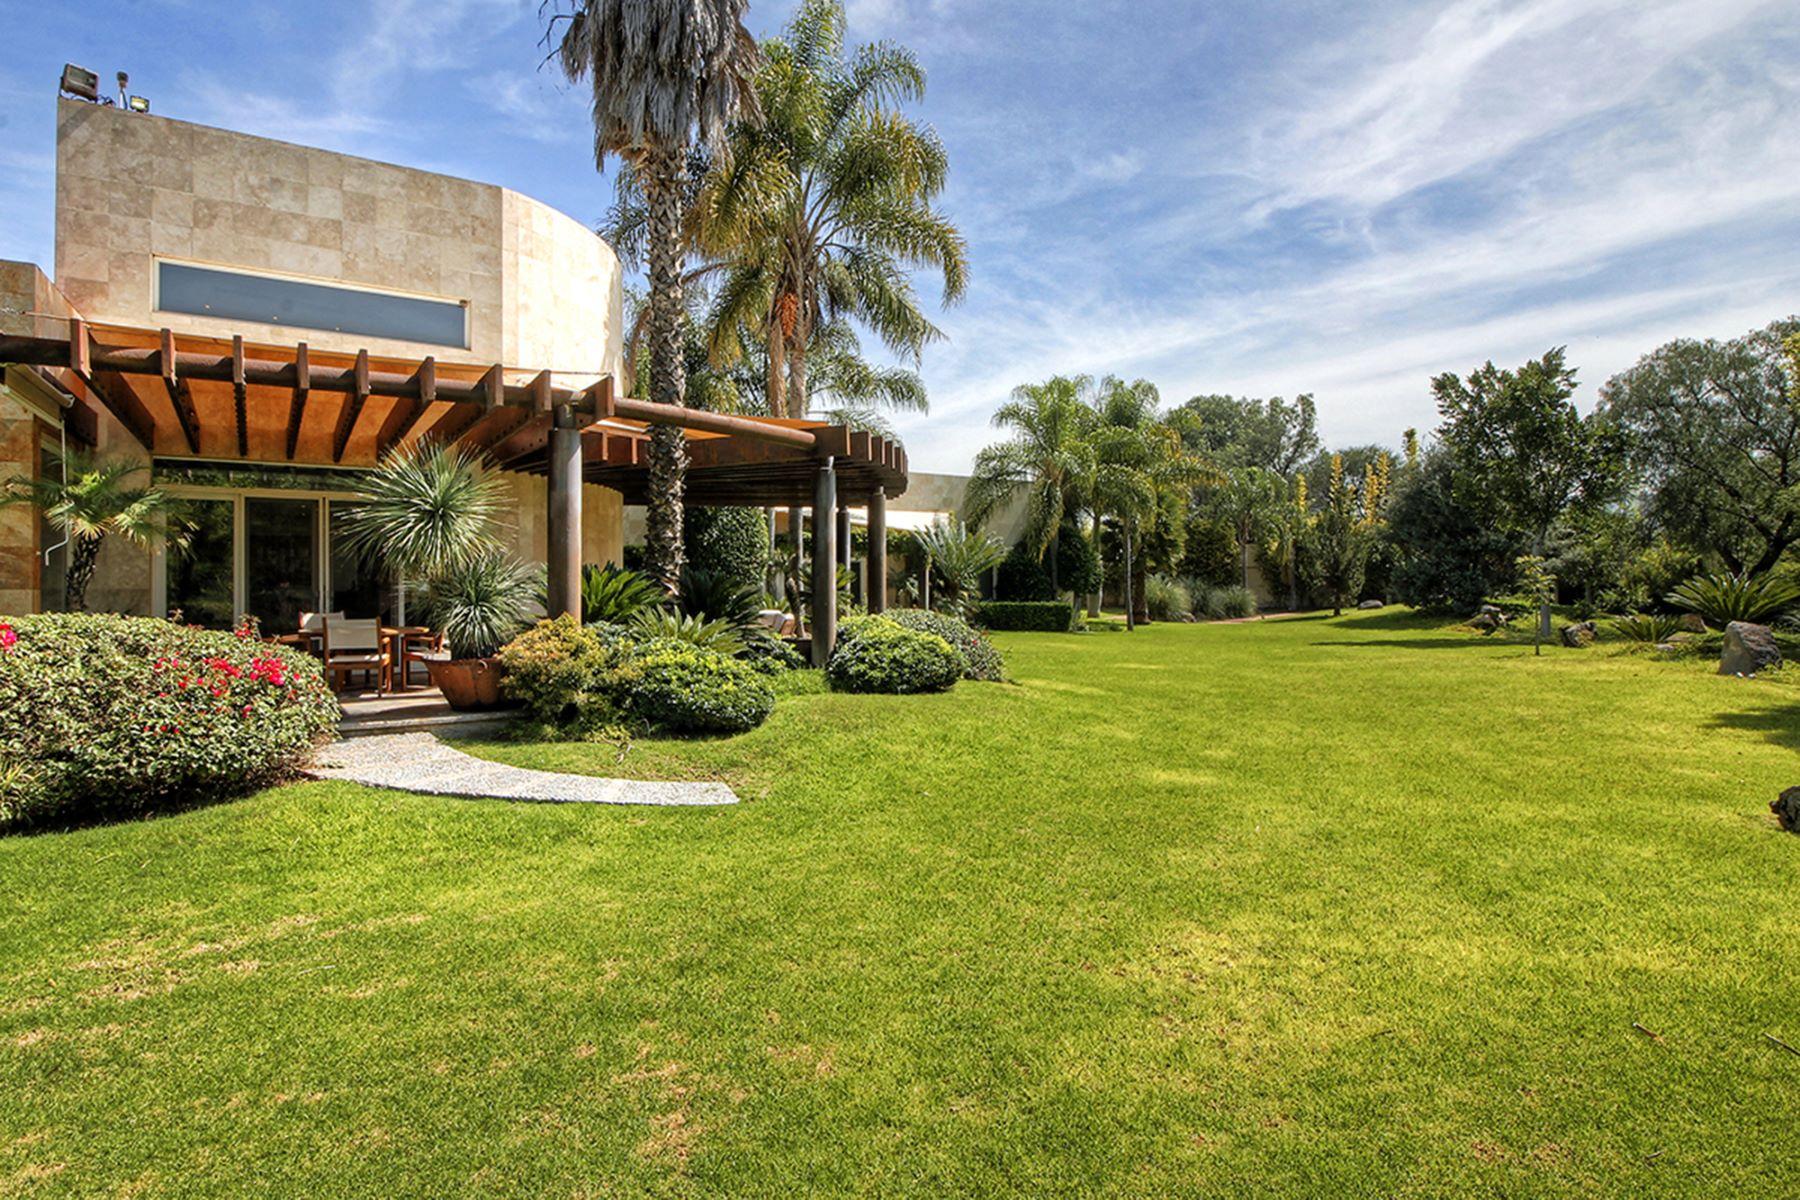 Частный односемейный дом для того Продажа на Casa Encanto Queretaro, Queretaro, 76100 Мексика